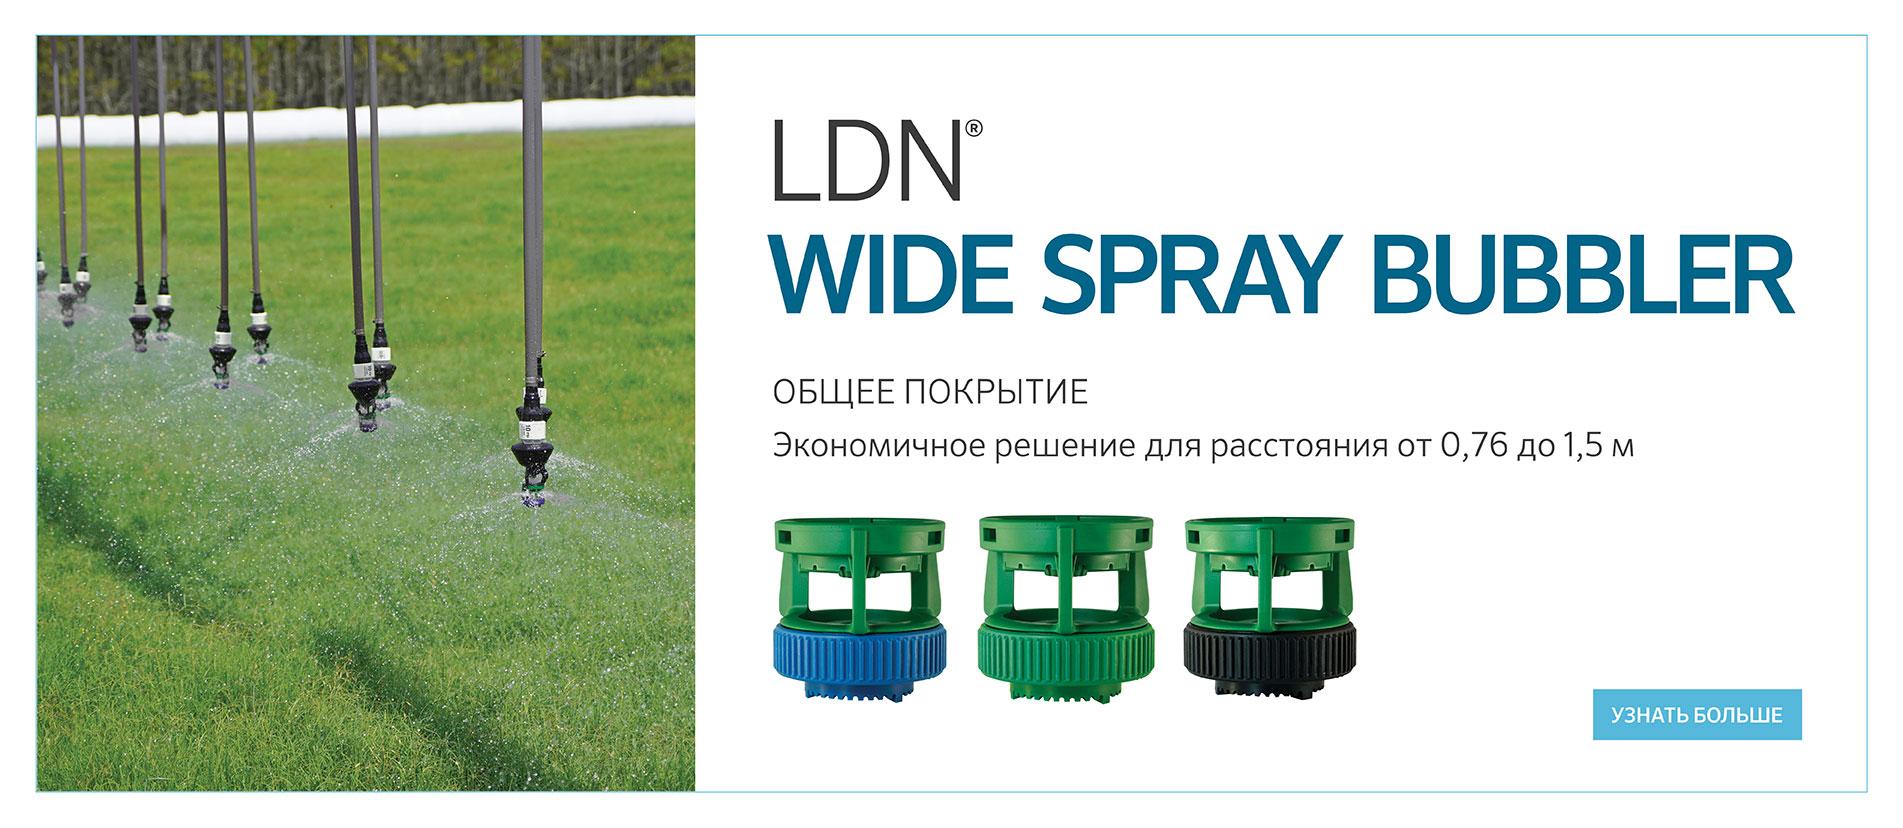 LDN® Wide Spray Bubbler: Полноценный охват при размещении на расстоянии от 75 до 150 см